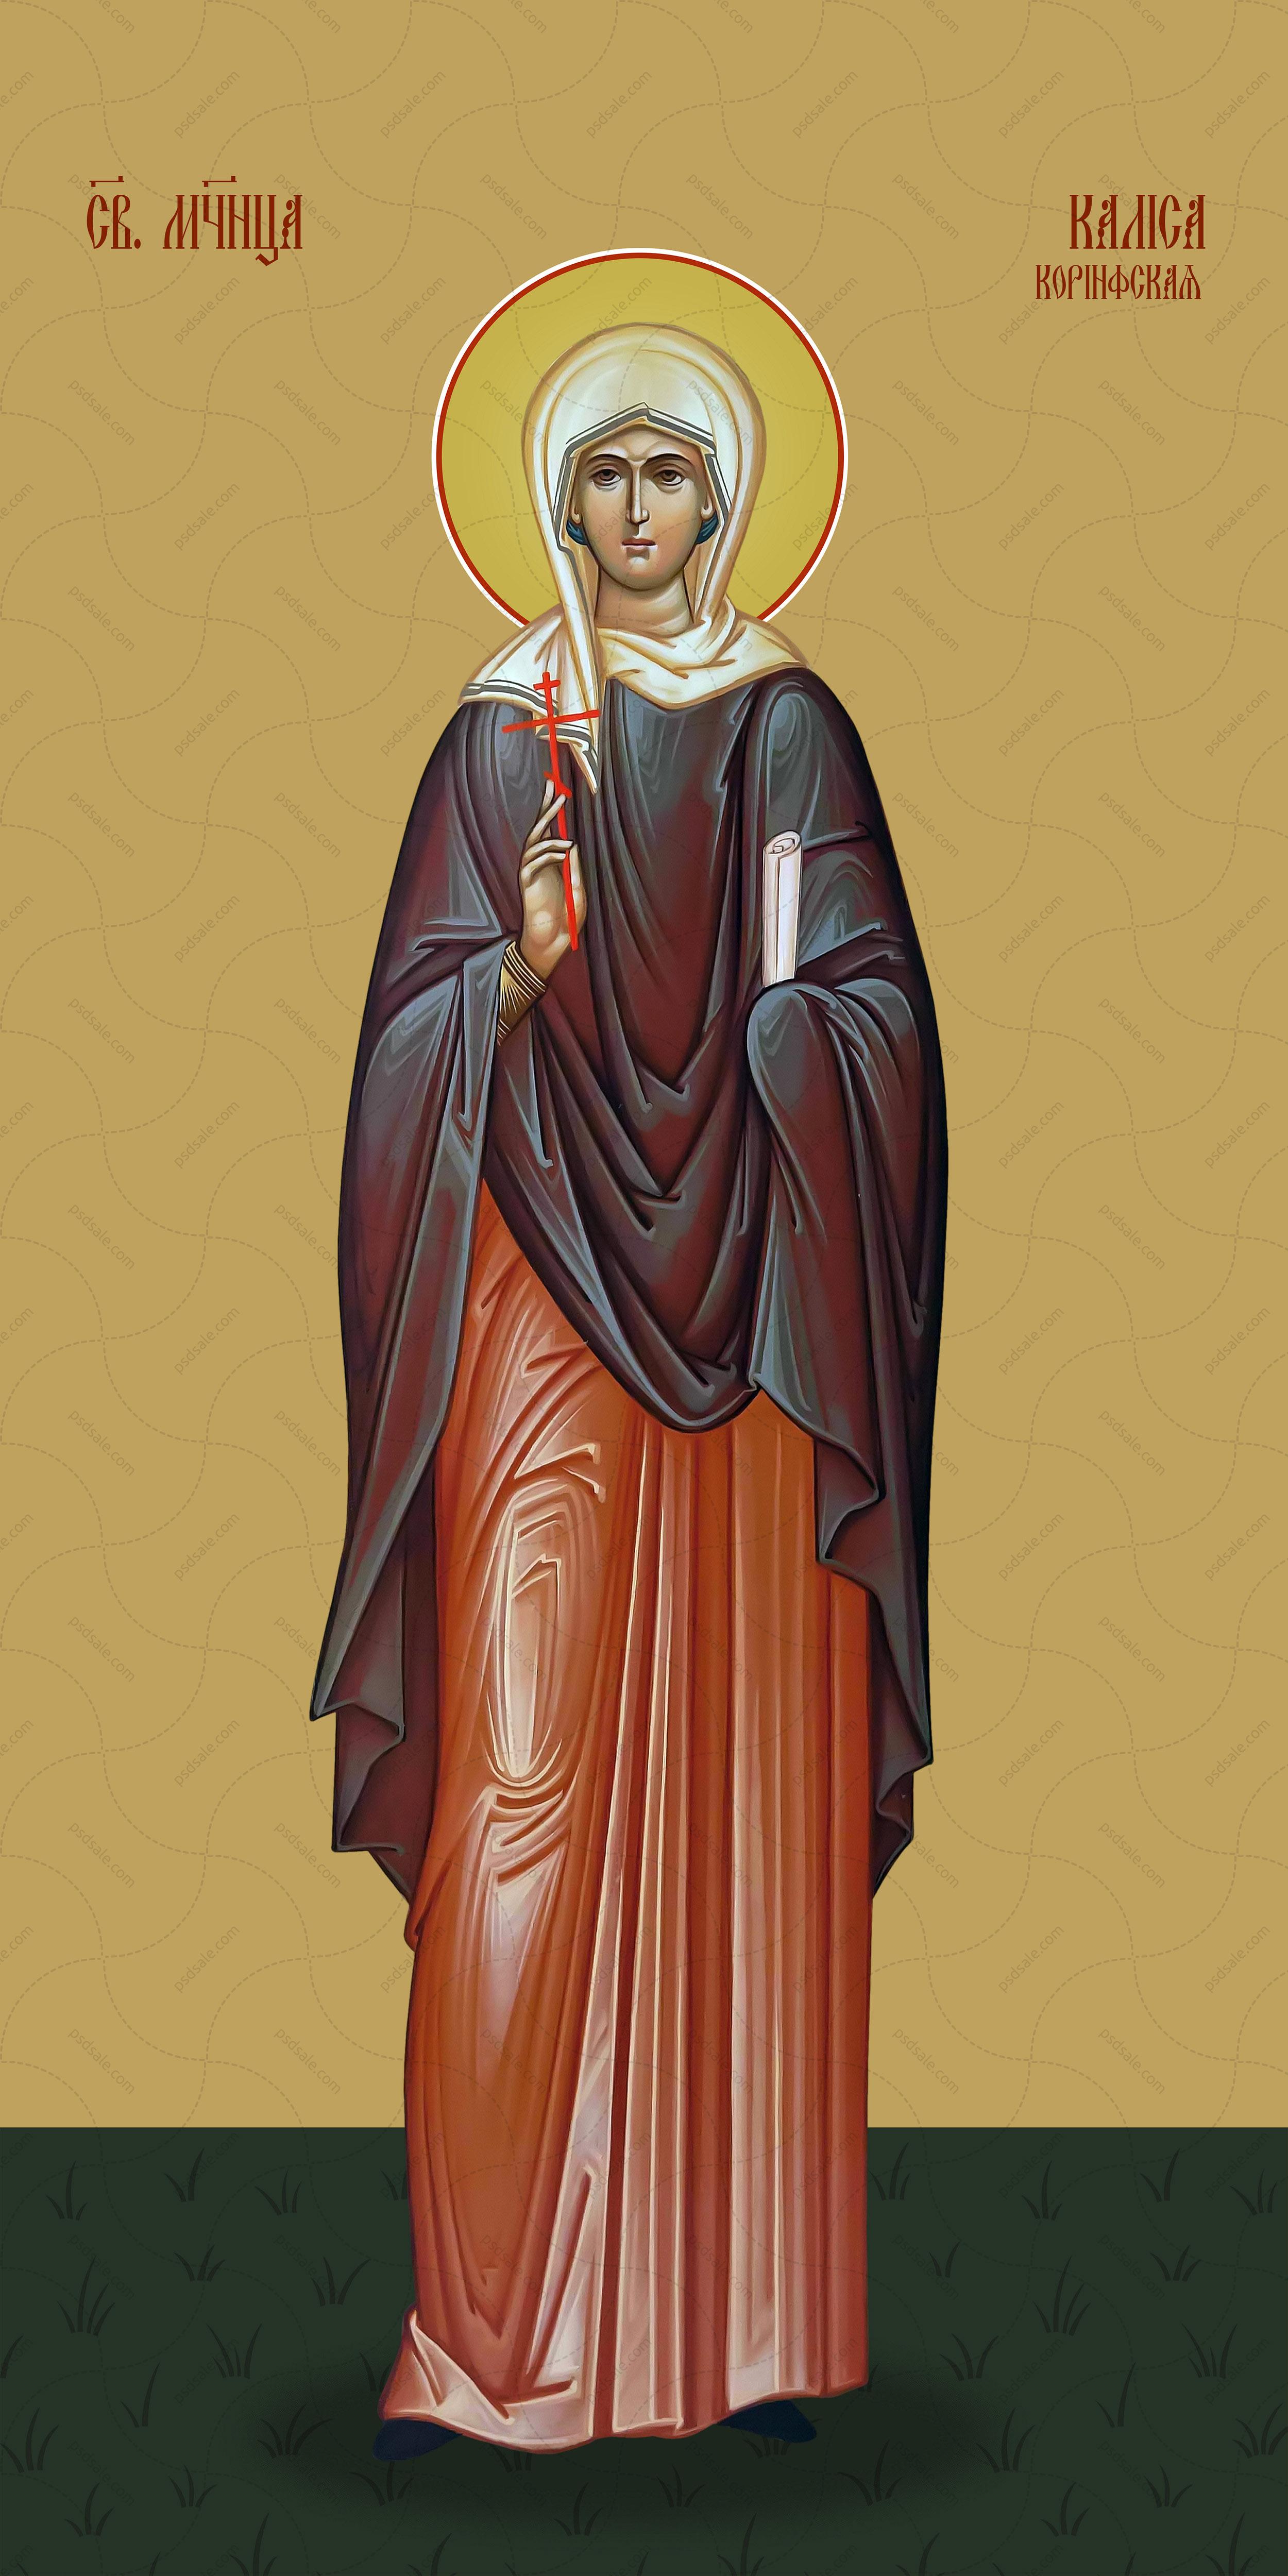 Мерная икона, Калиса Коринфская, мученица